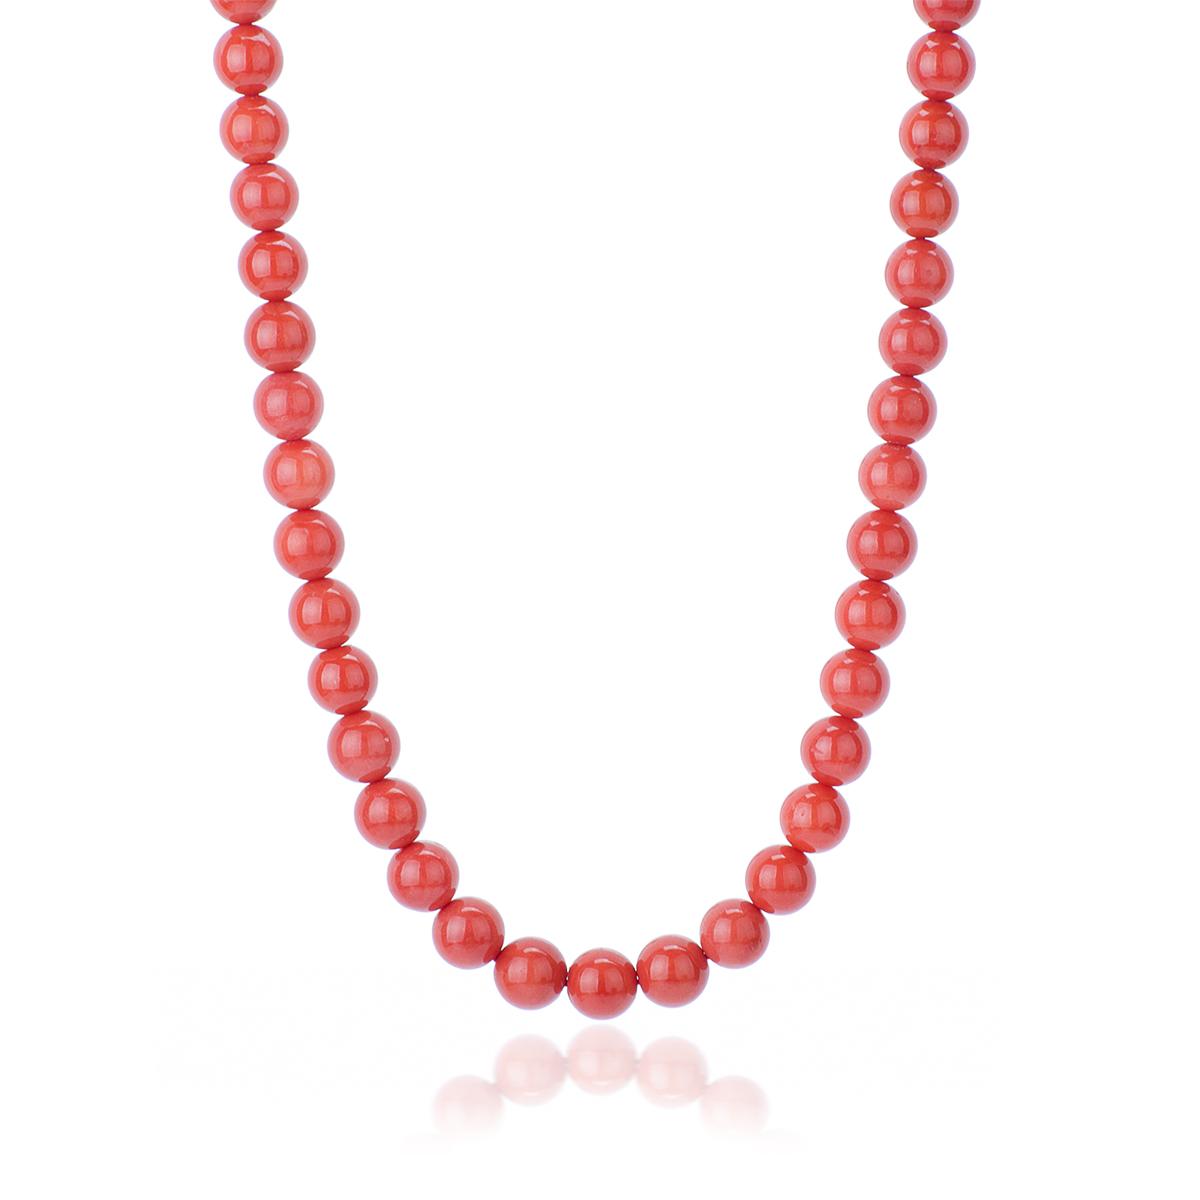 nuovi stili d59e3 5f7df Collana Corallo Rosso Qualità Extra da 10 mm con chiu. Oro 18 kt